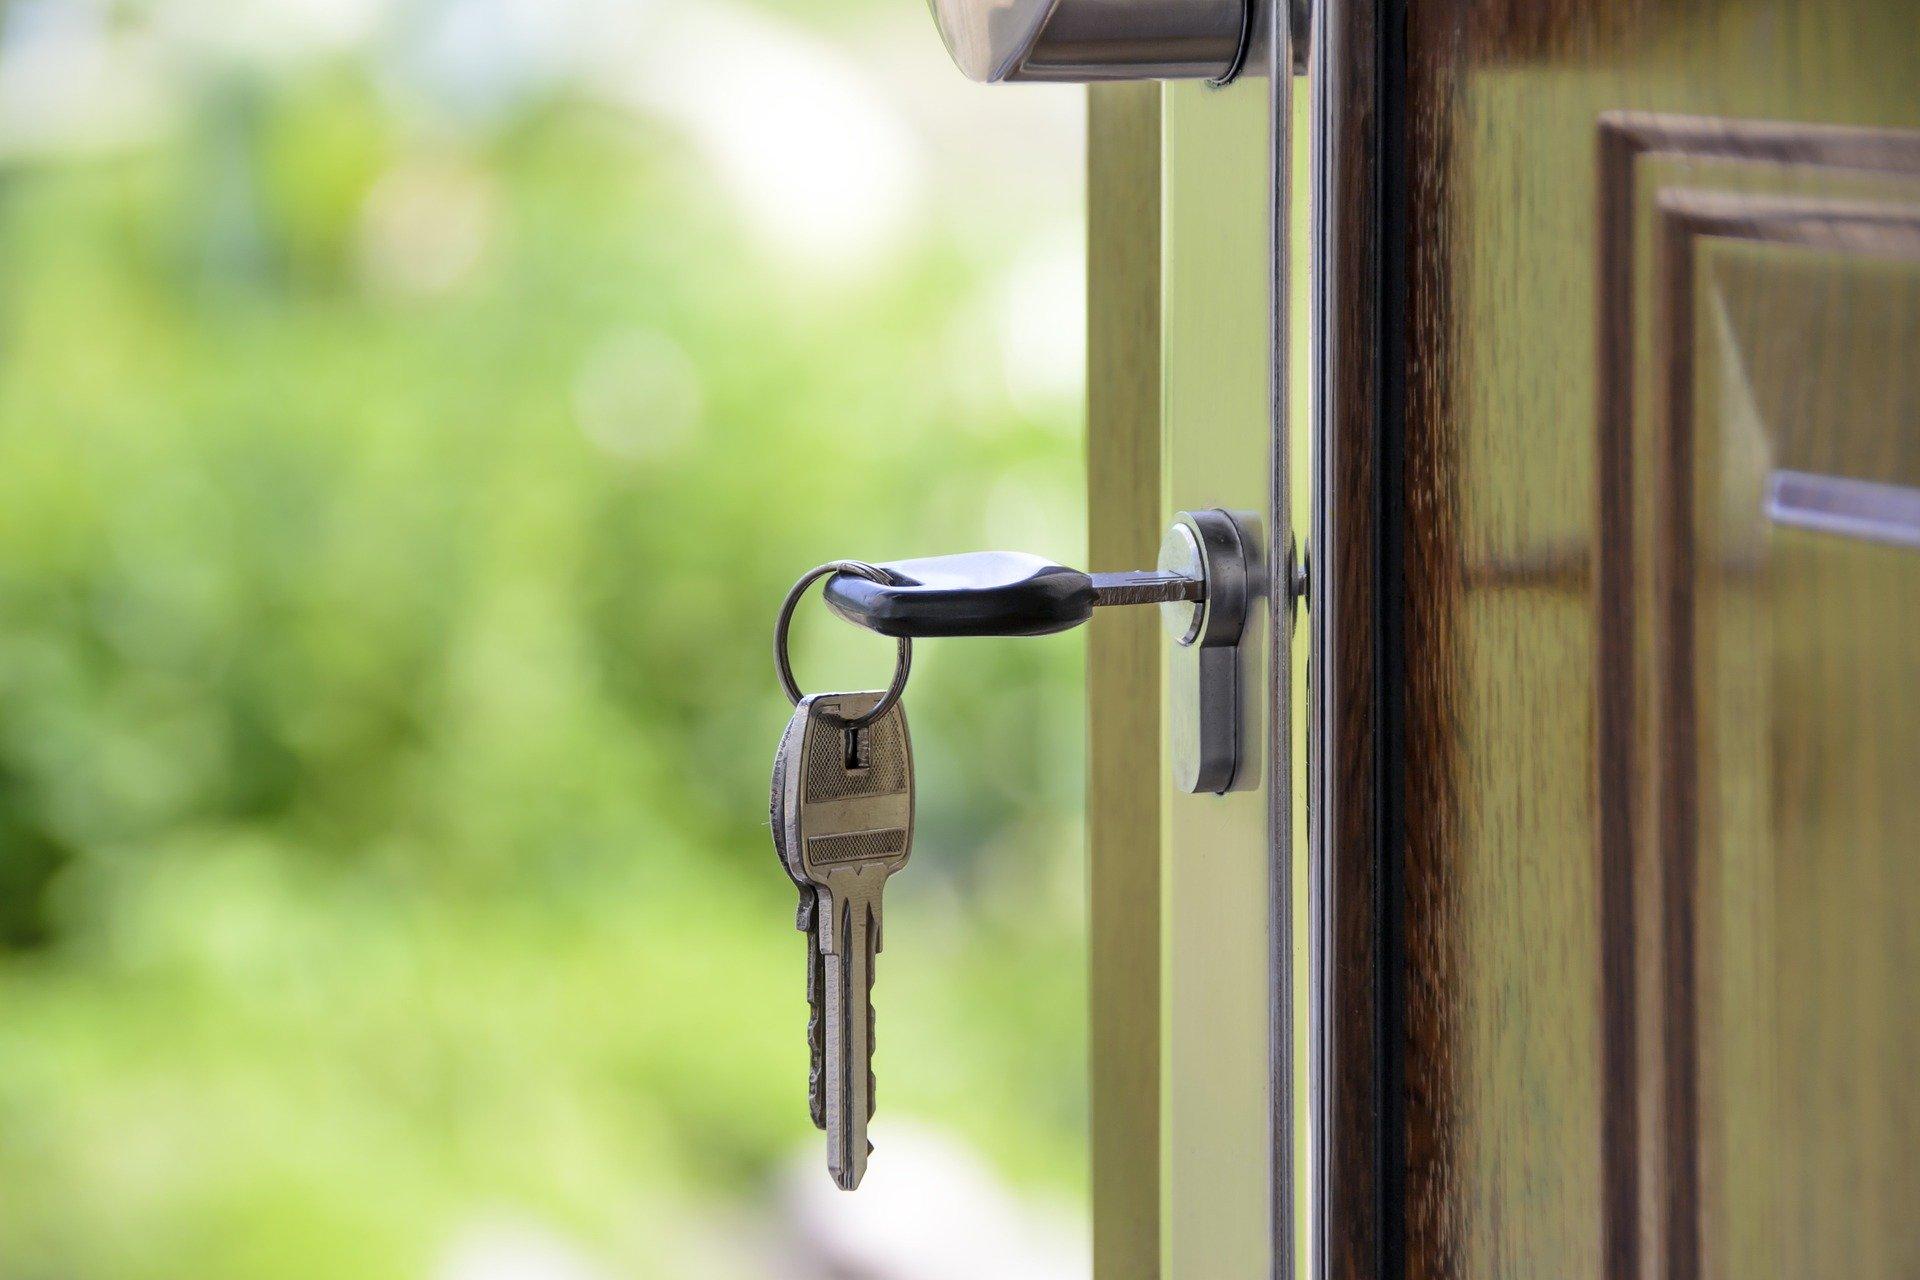 A key in an open door